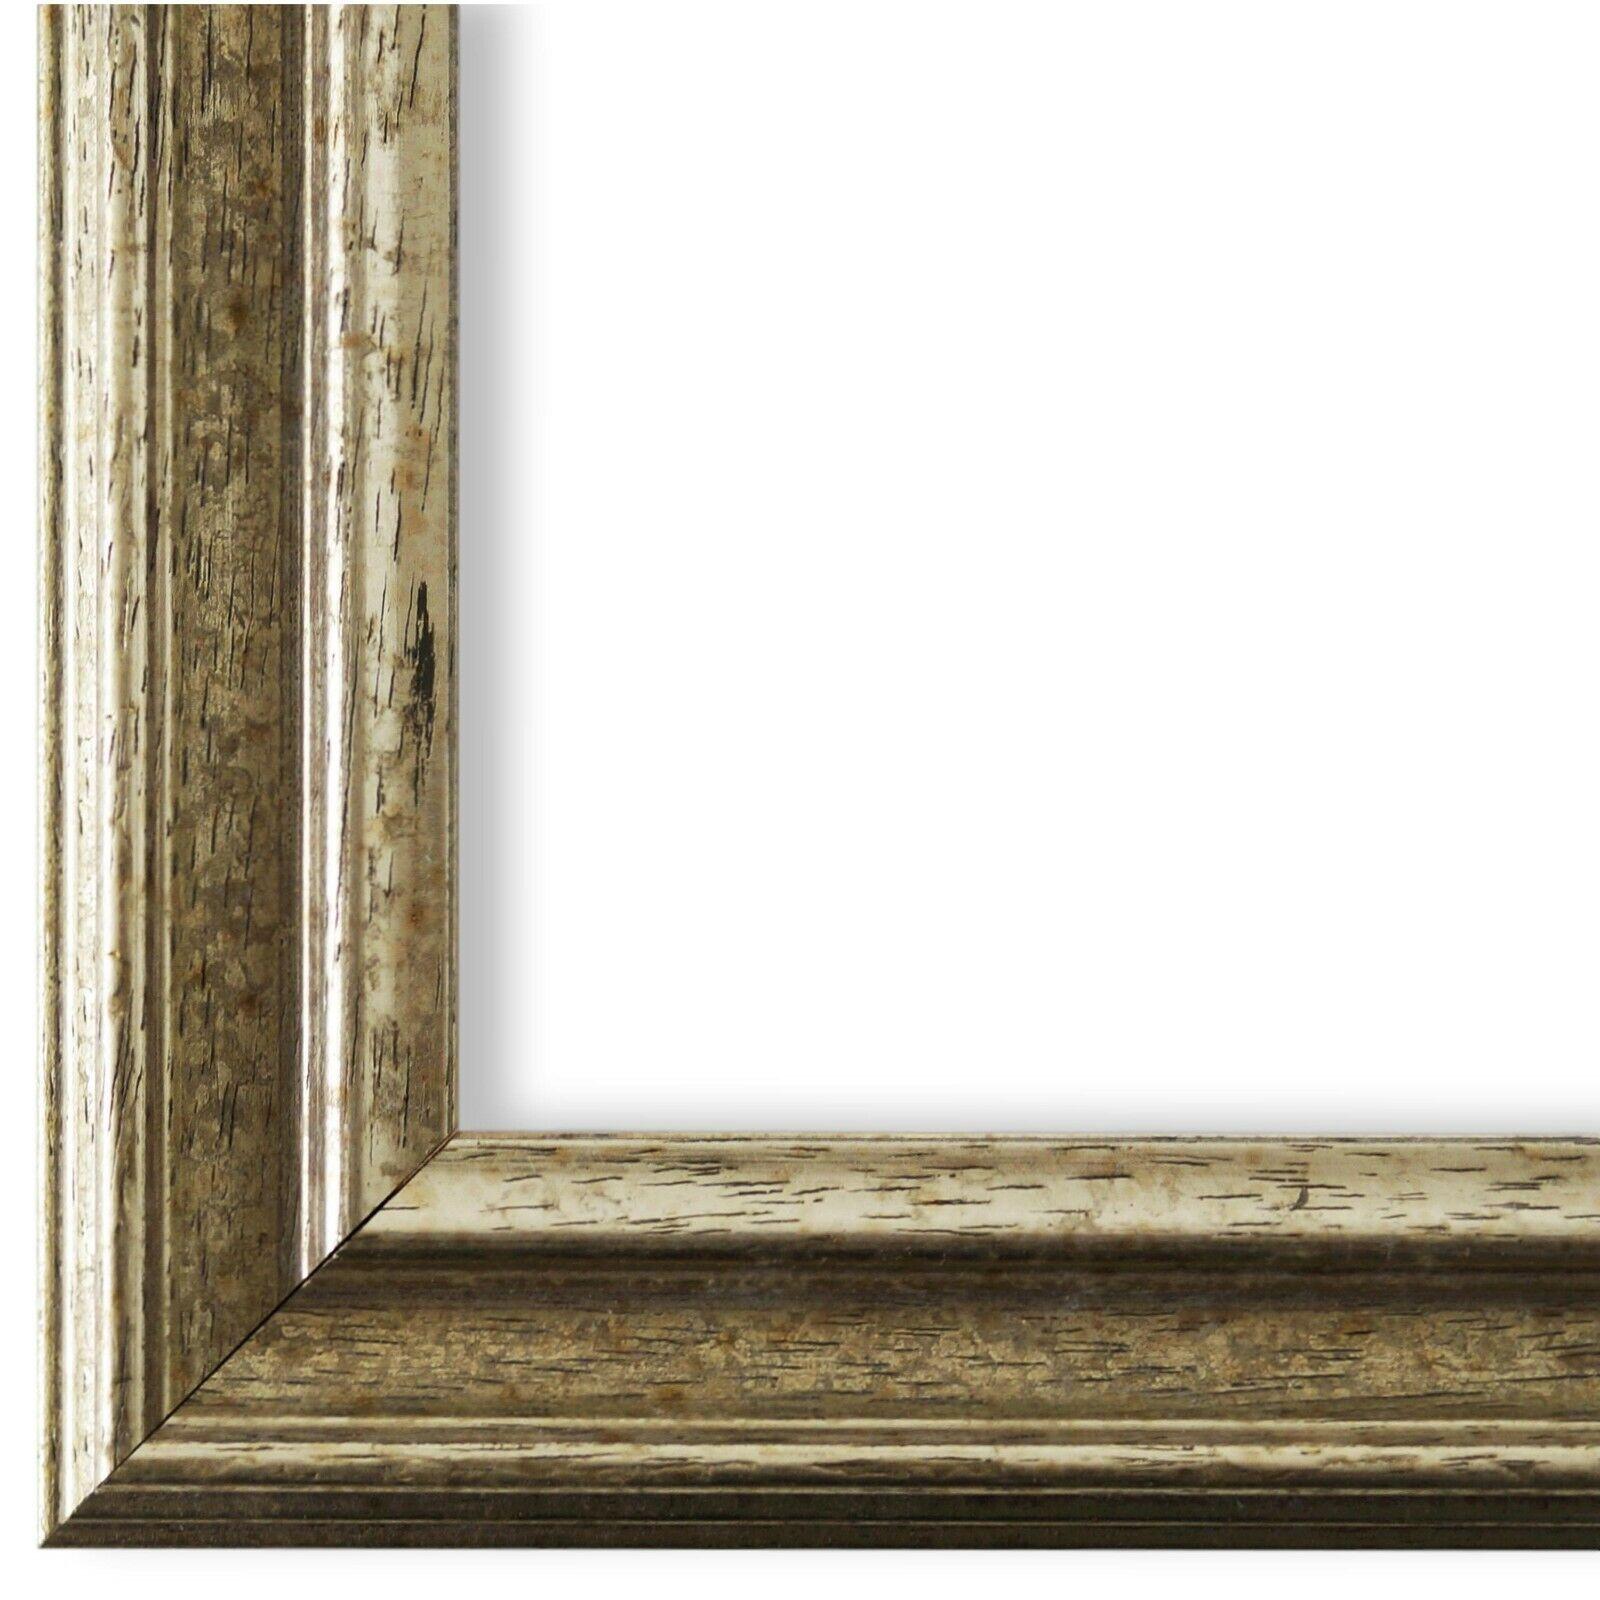 Bilderrahmen Forli Silber - 40x60 40x80 50x50 50x60 50x70 50x100 60x60